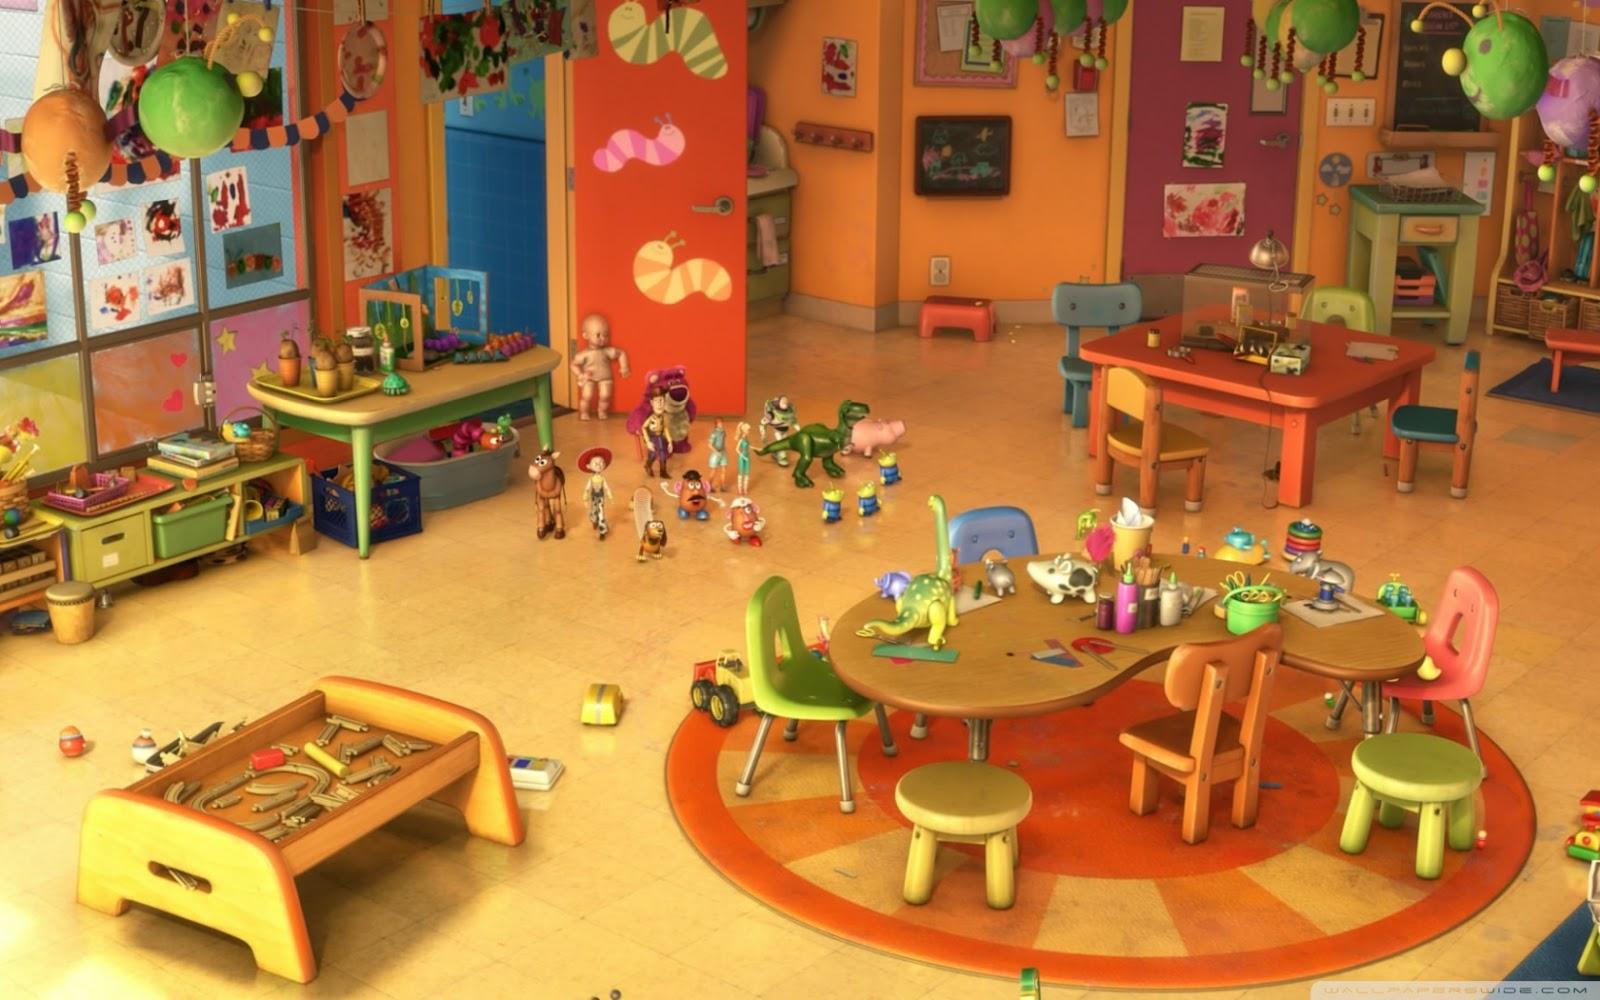 Toy_story_3_kindergarten Wallpaper 1680x1050